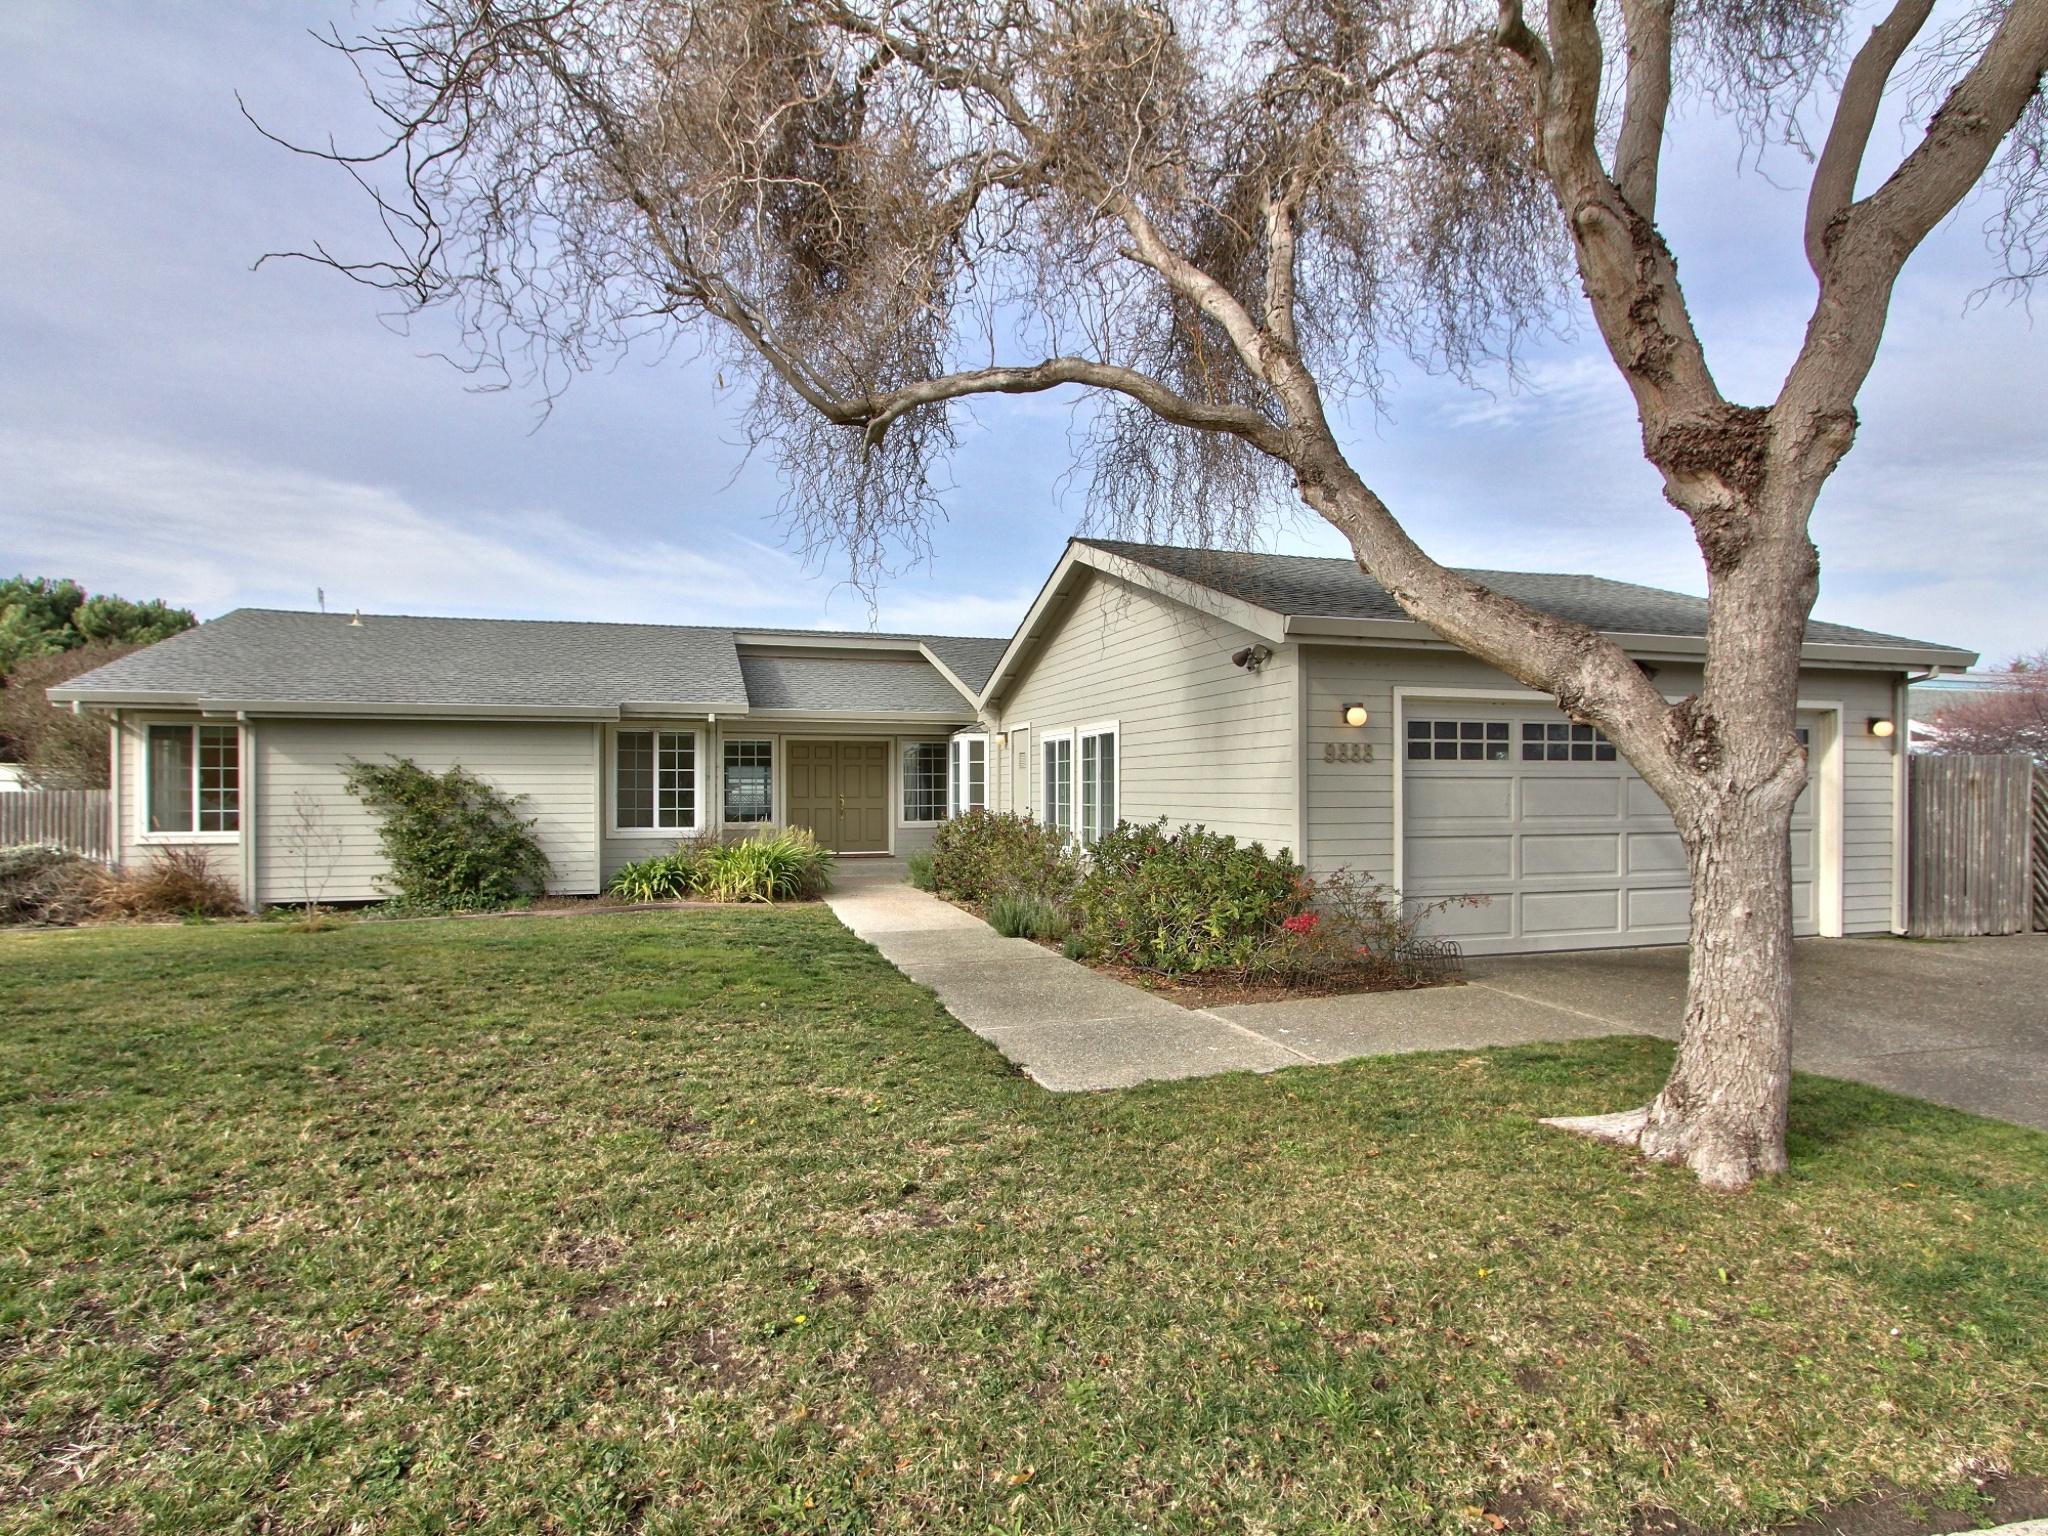 9888 Brome Trail, Salinas, California 93907